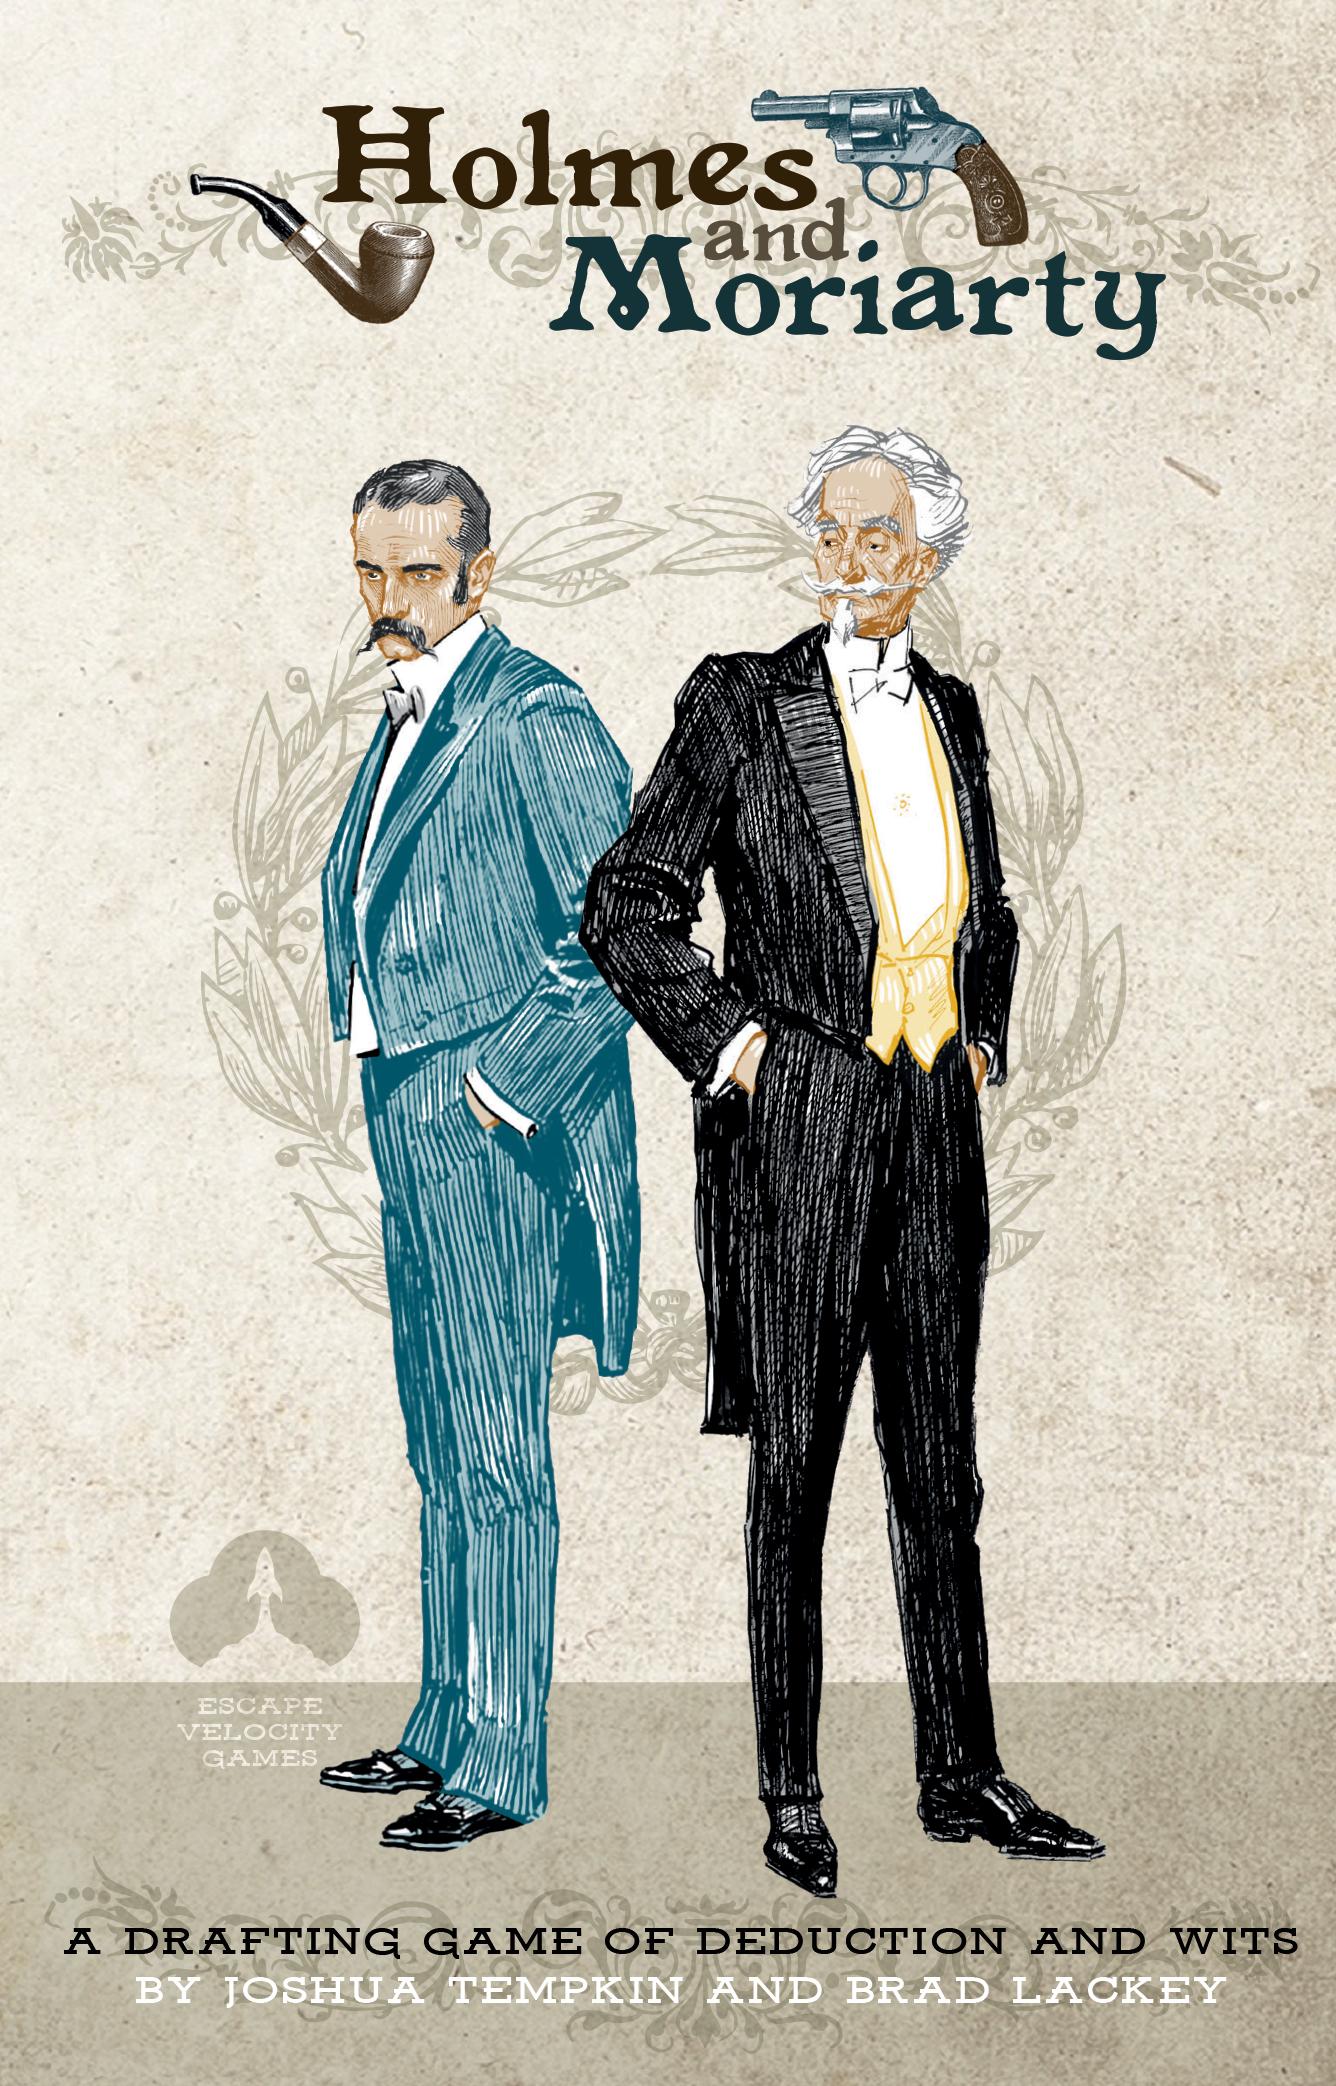 Holmes & Moriarty Pre-Order